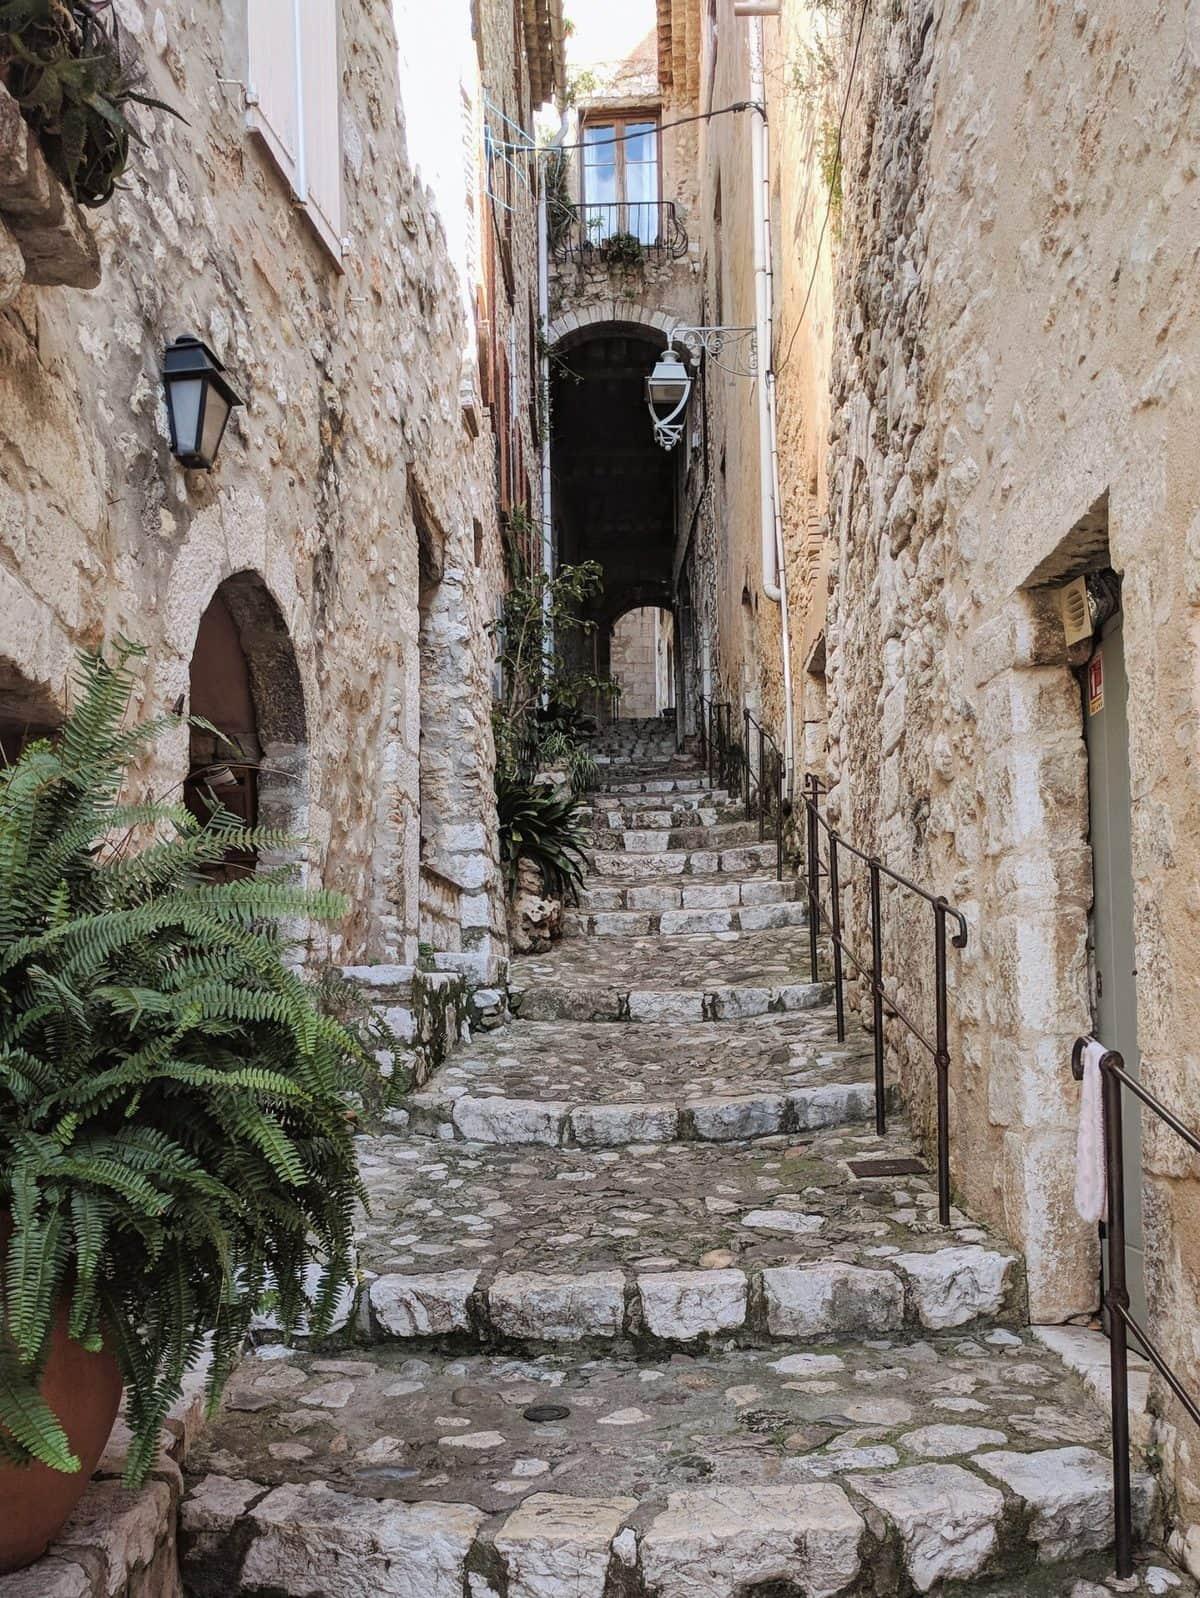 Cobblestone stairs in Saint-Paul-de-Vence